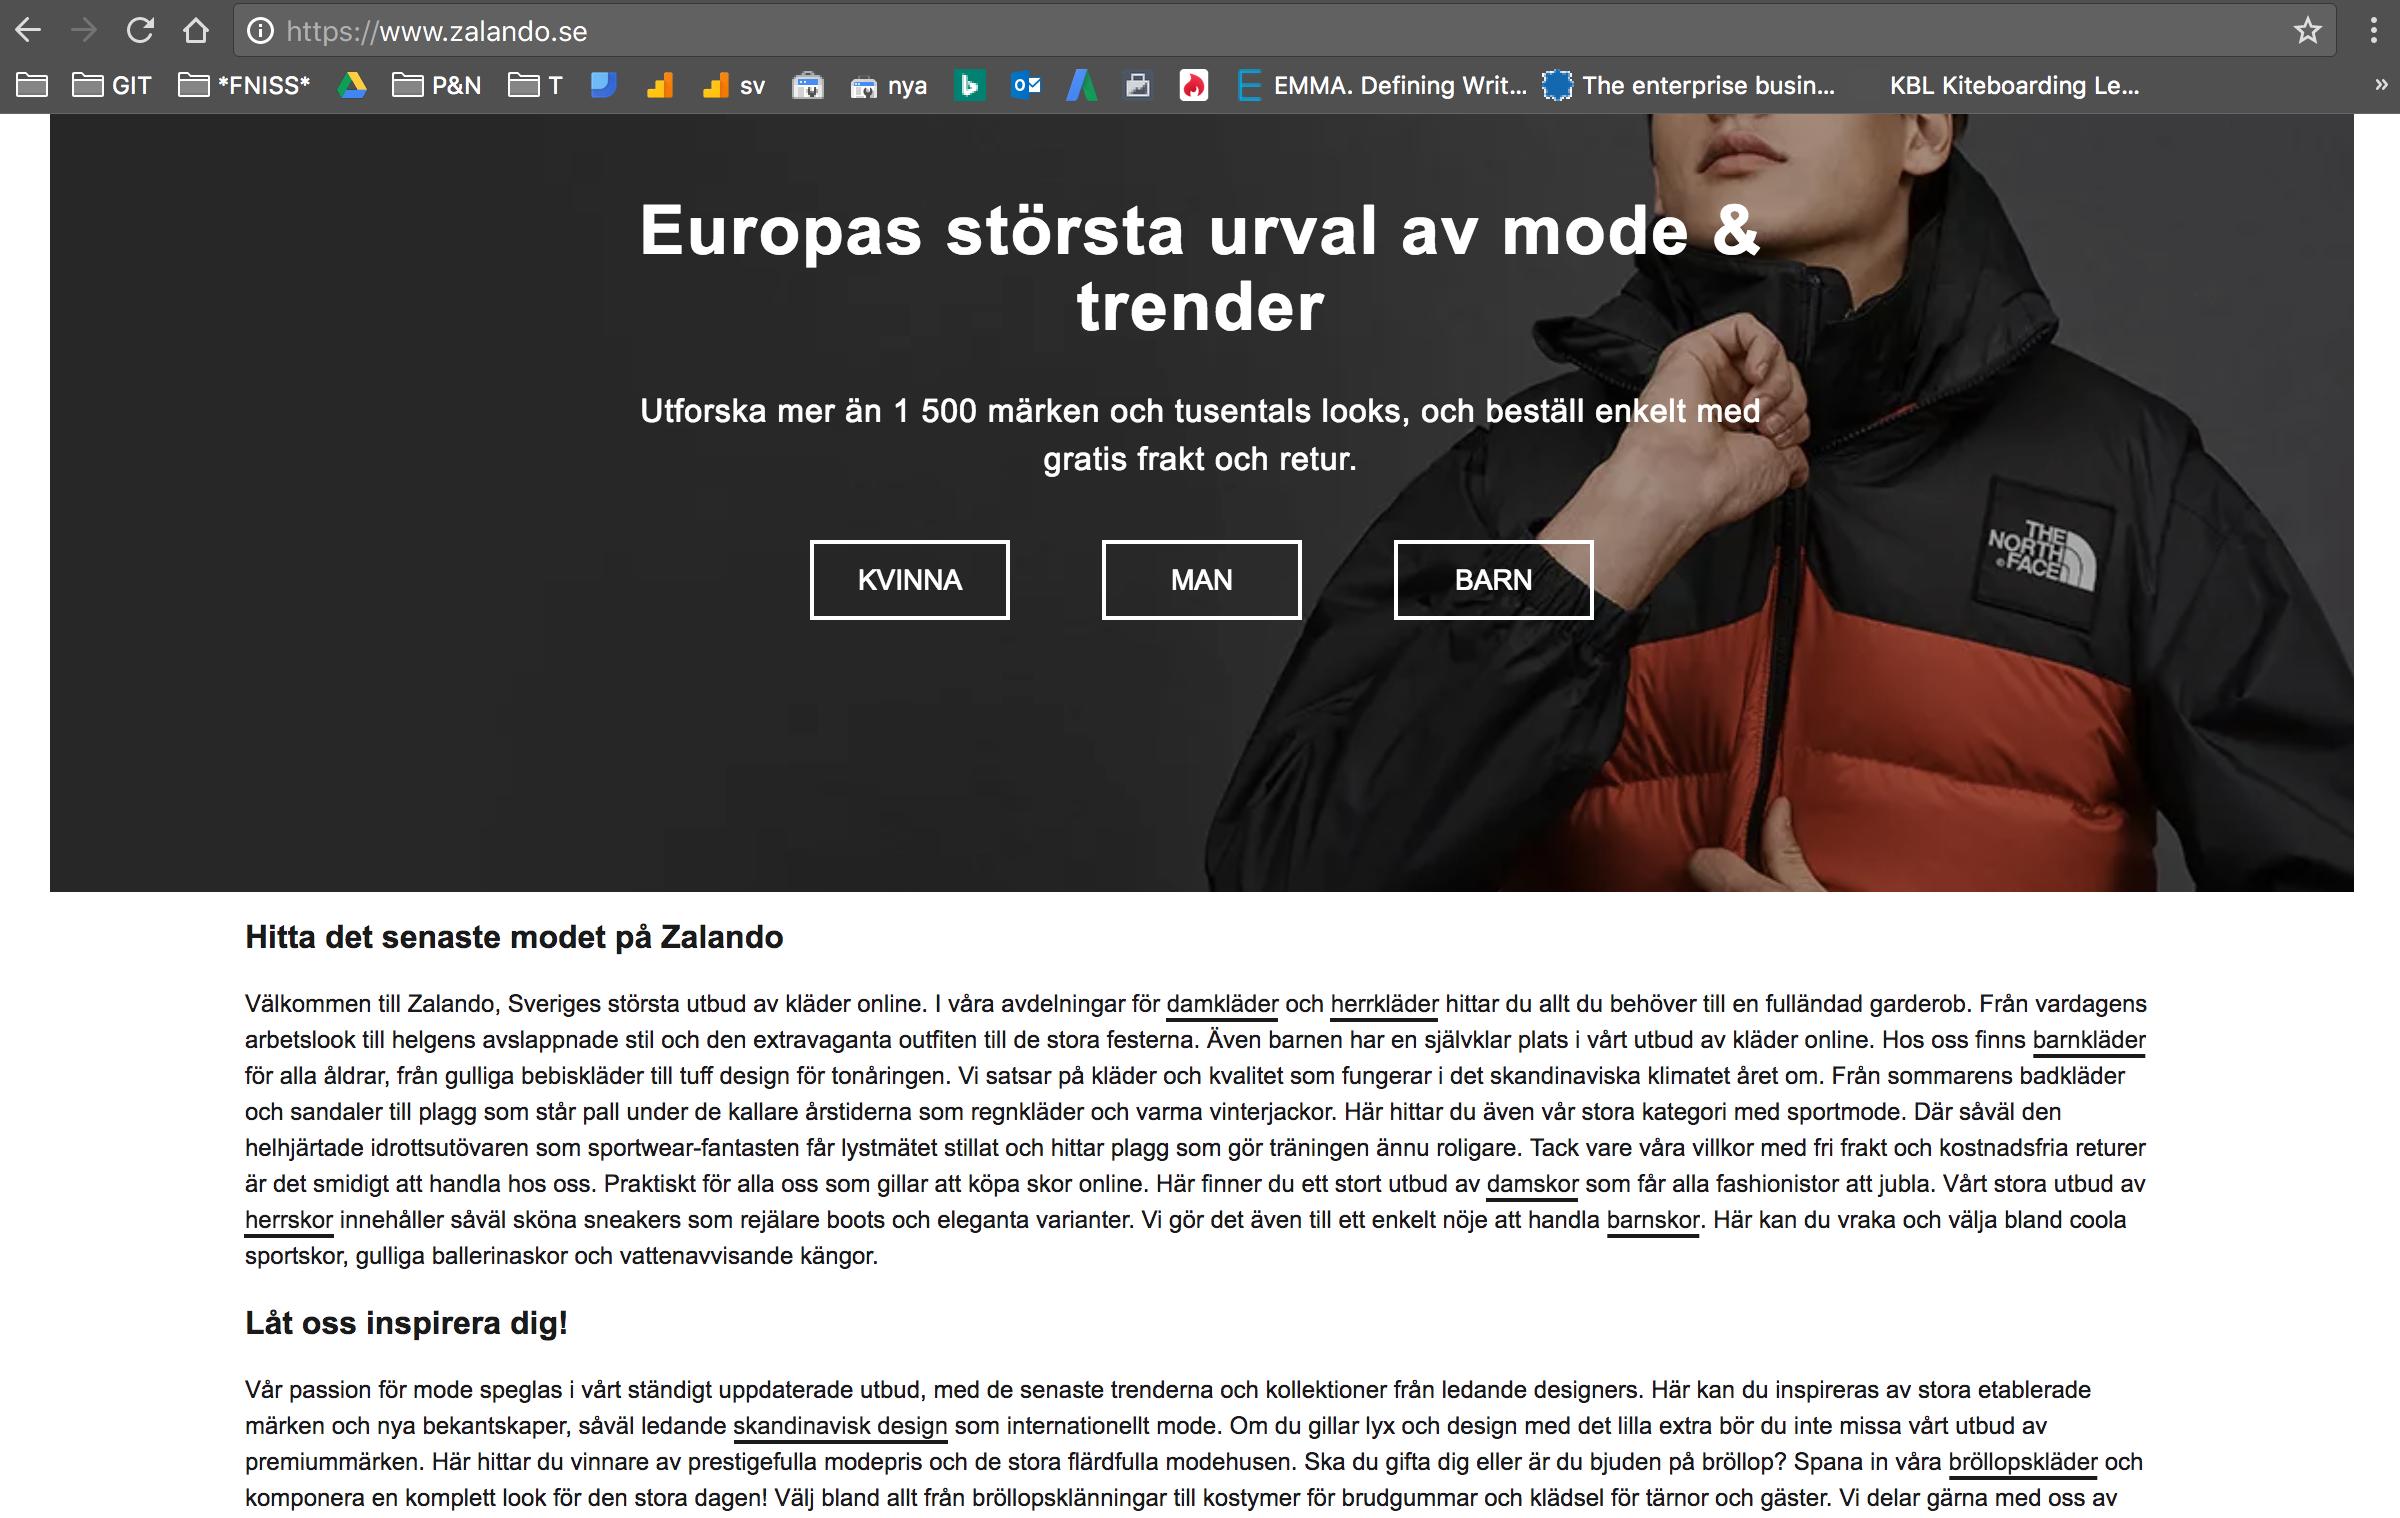 Inne på första sidan av Zalando möts du av en utvald SEO-anpassad text. Texten är skriven för att påvisa kvalitet för sökmotorerna.